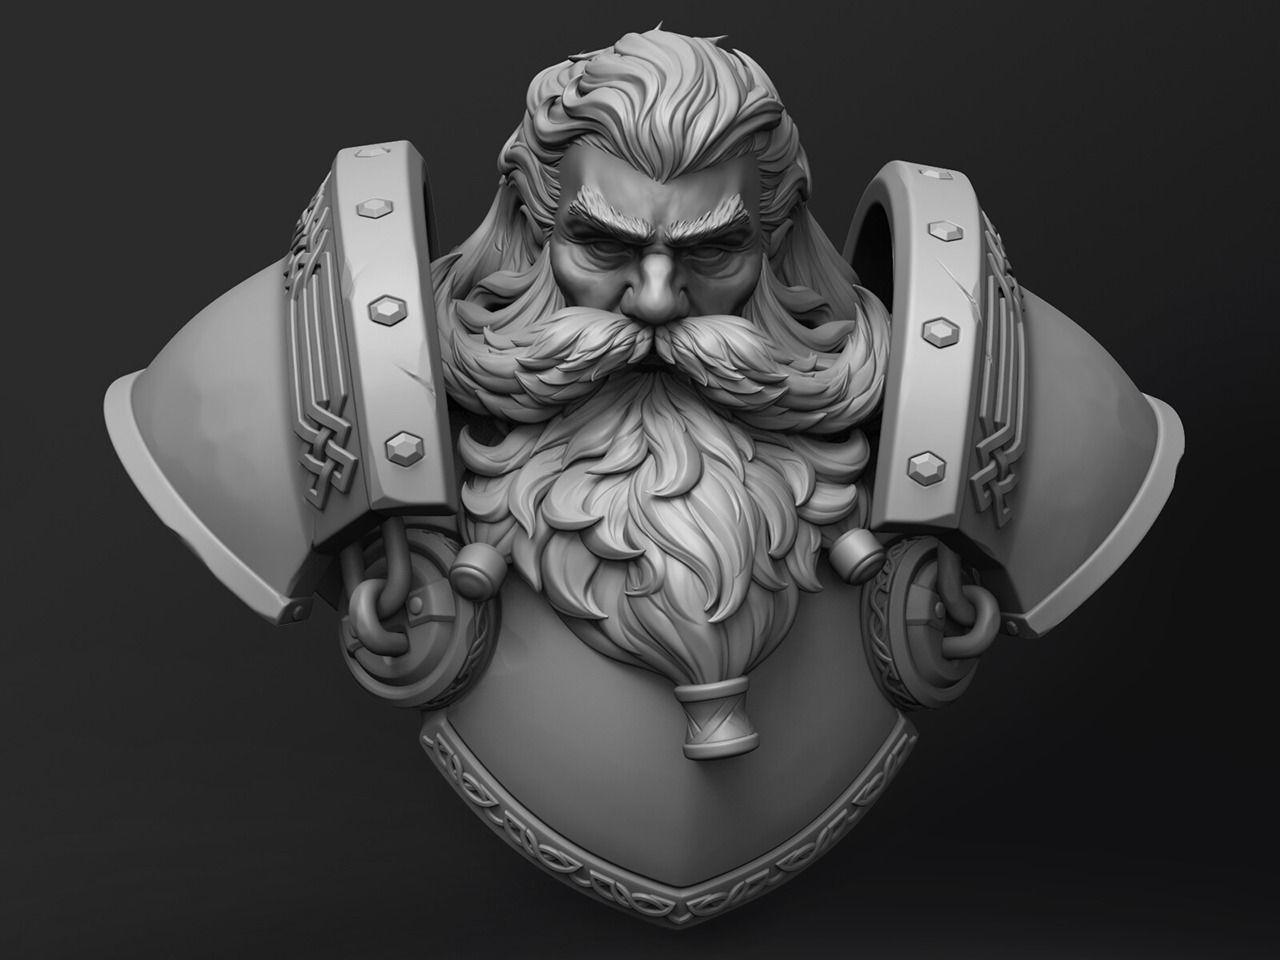 Stylized Dwarf Bust Statue